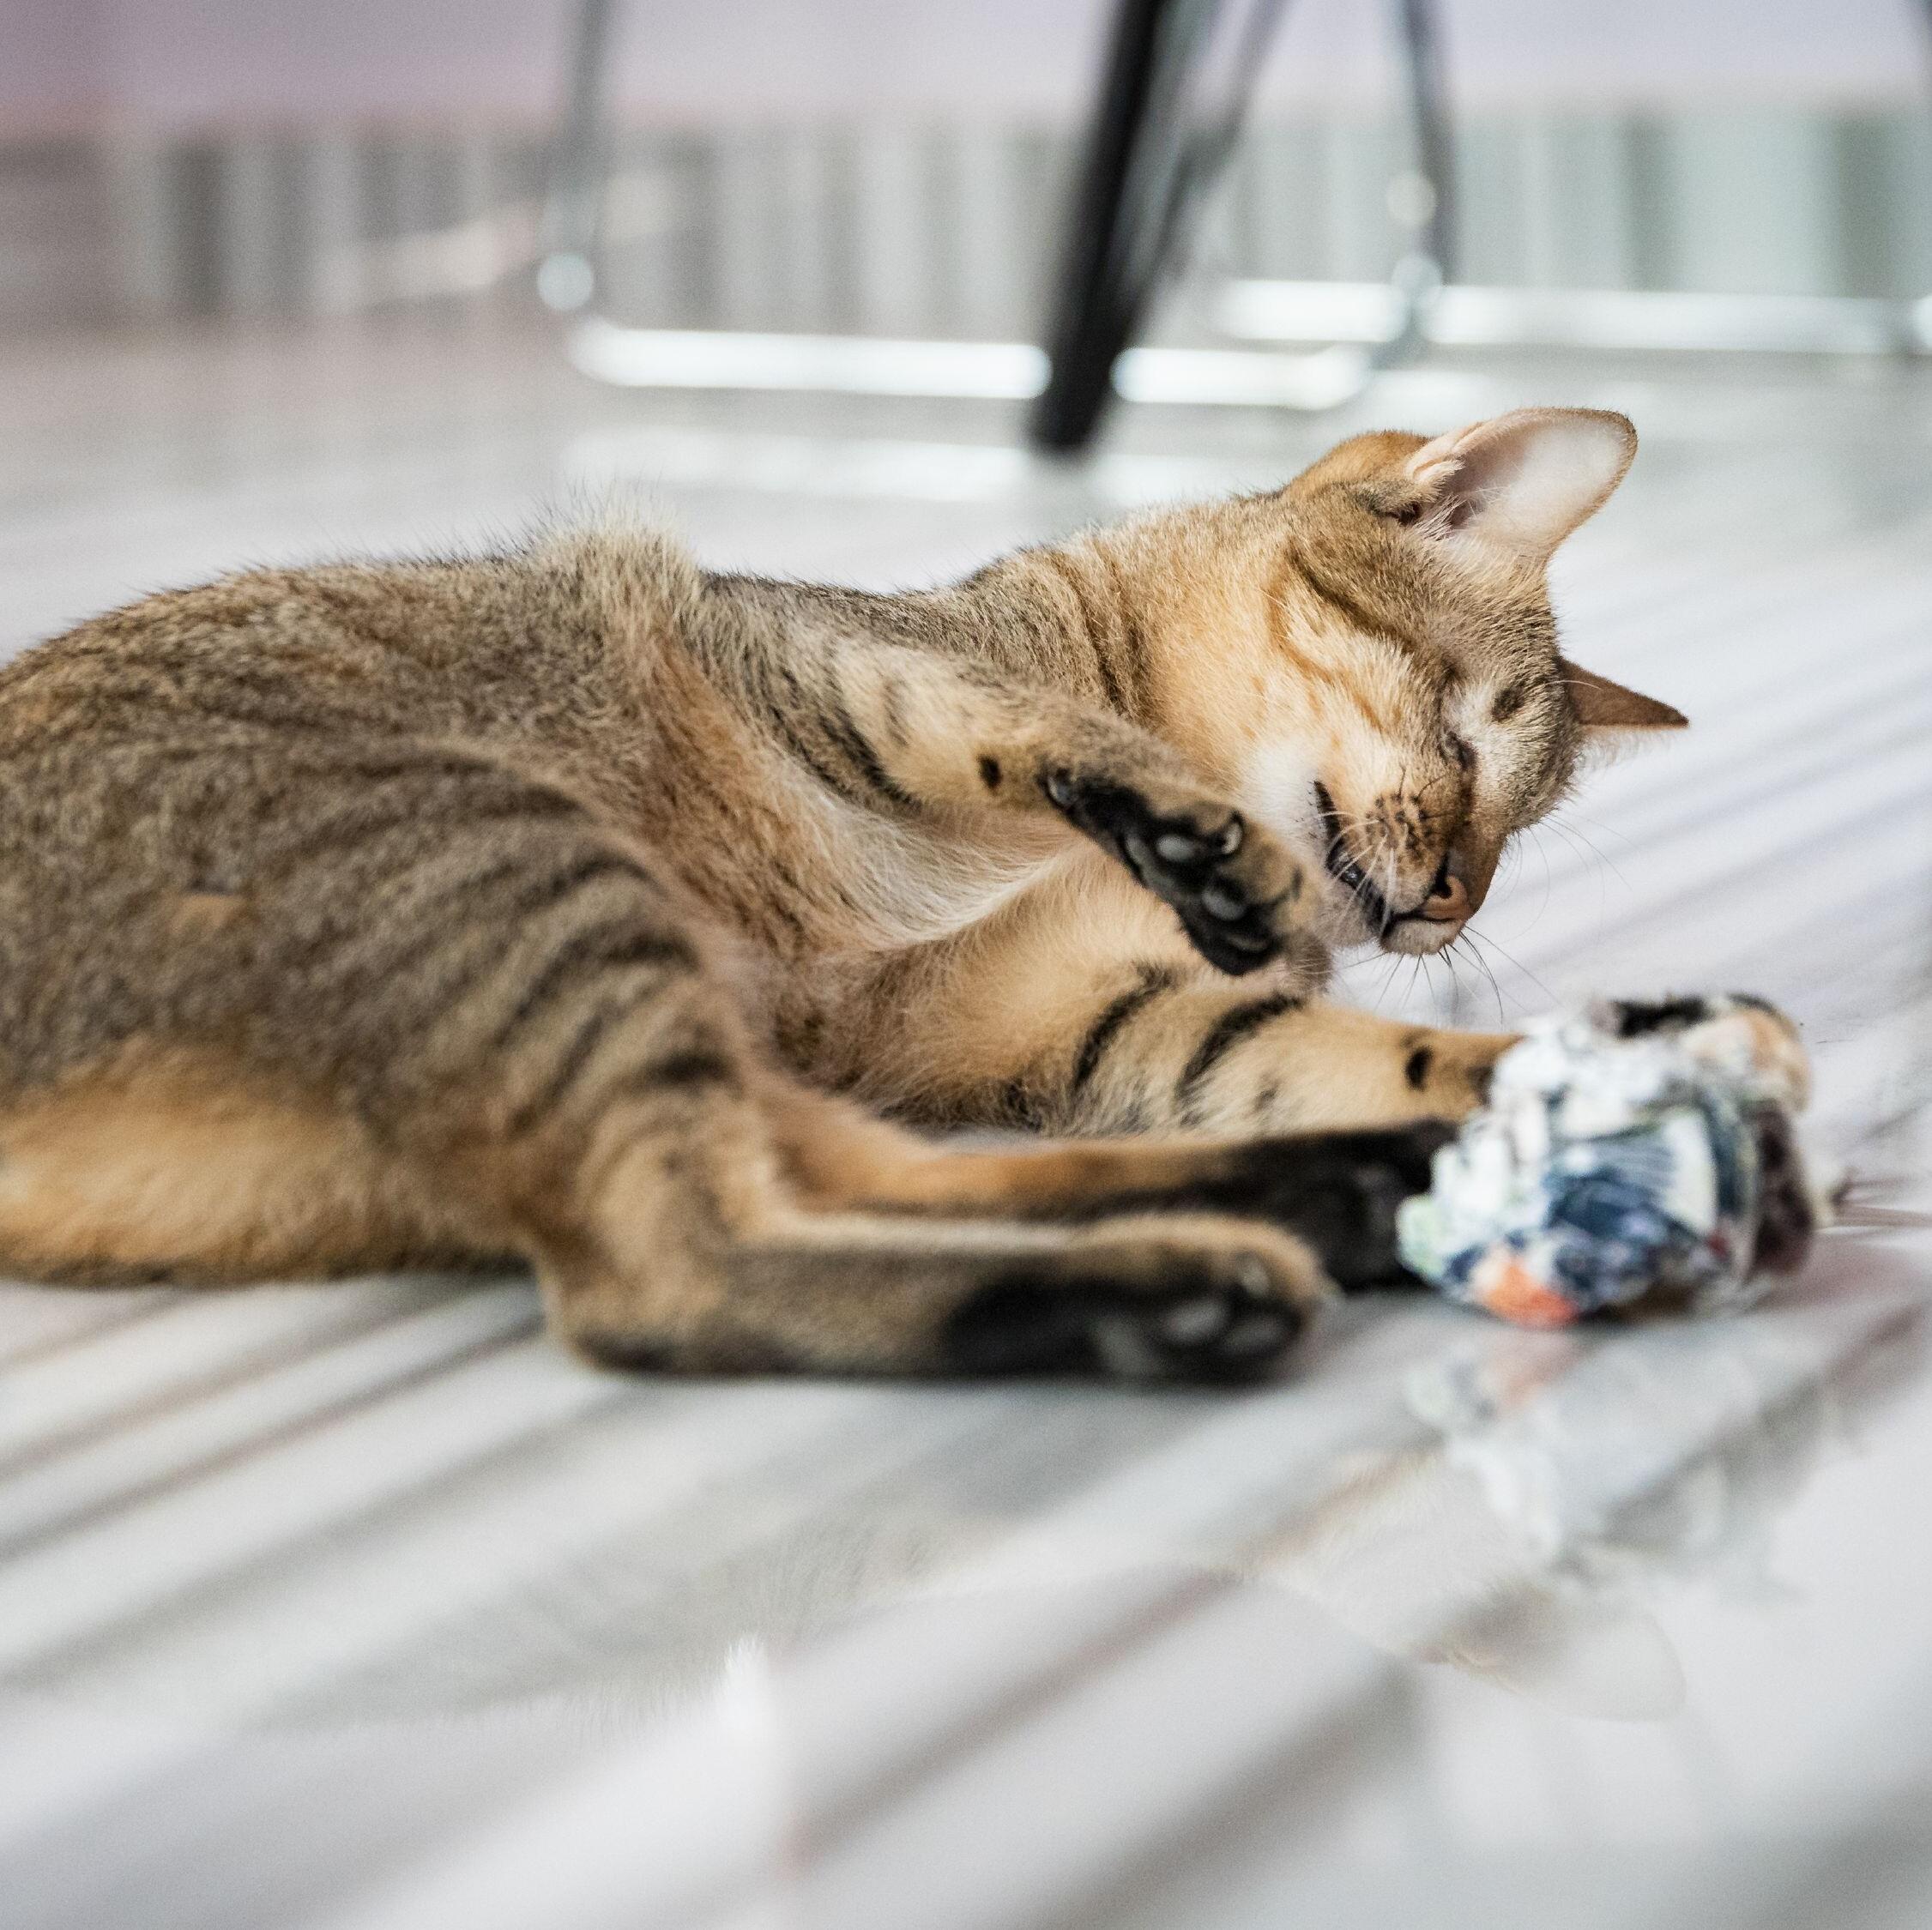 Vorbild an Lebenswillen: Die blinde Katze Mina